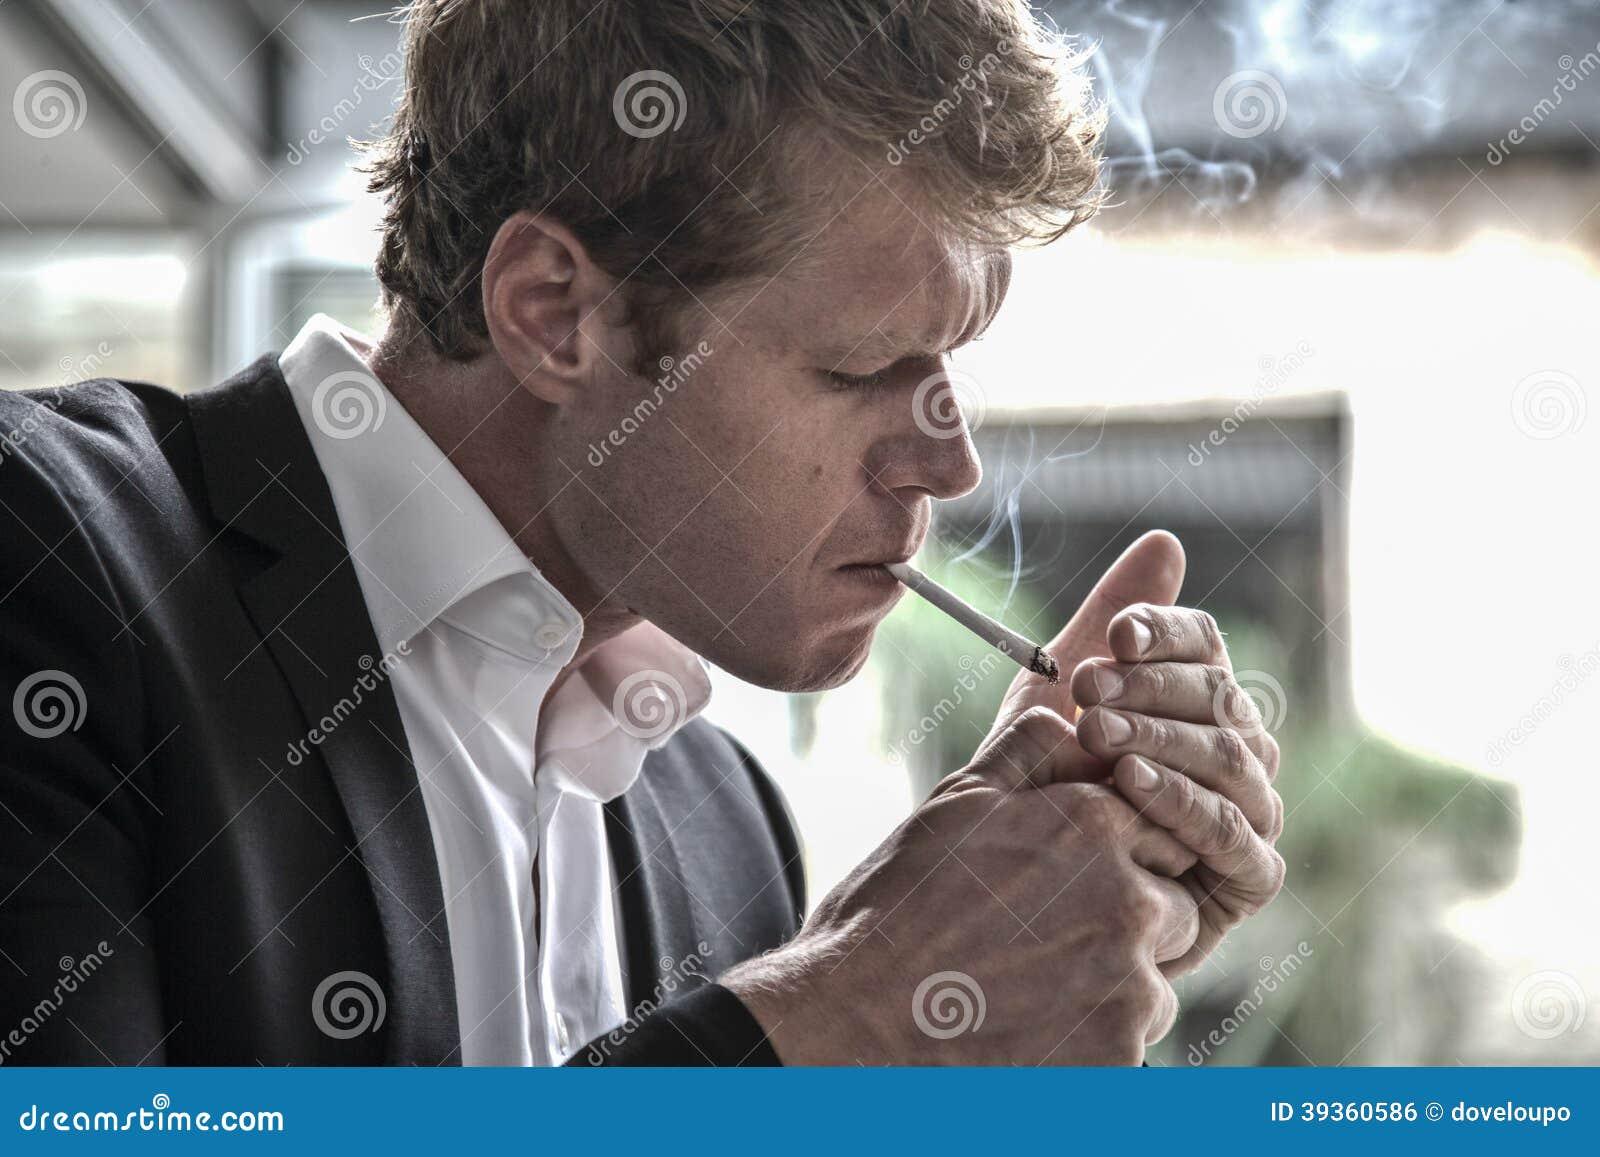 Man lighting a cigarette  sc 1 st  Dreamstime.com & Man lighting a cigarette stock photo. Image of details - 39360586 azcodes.com